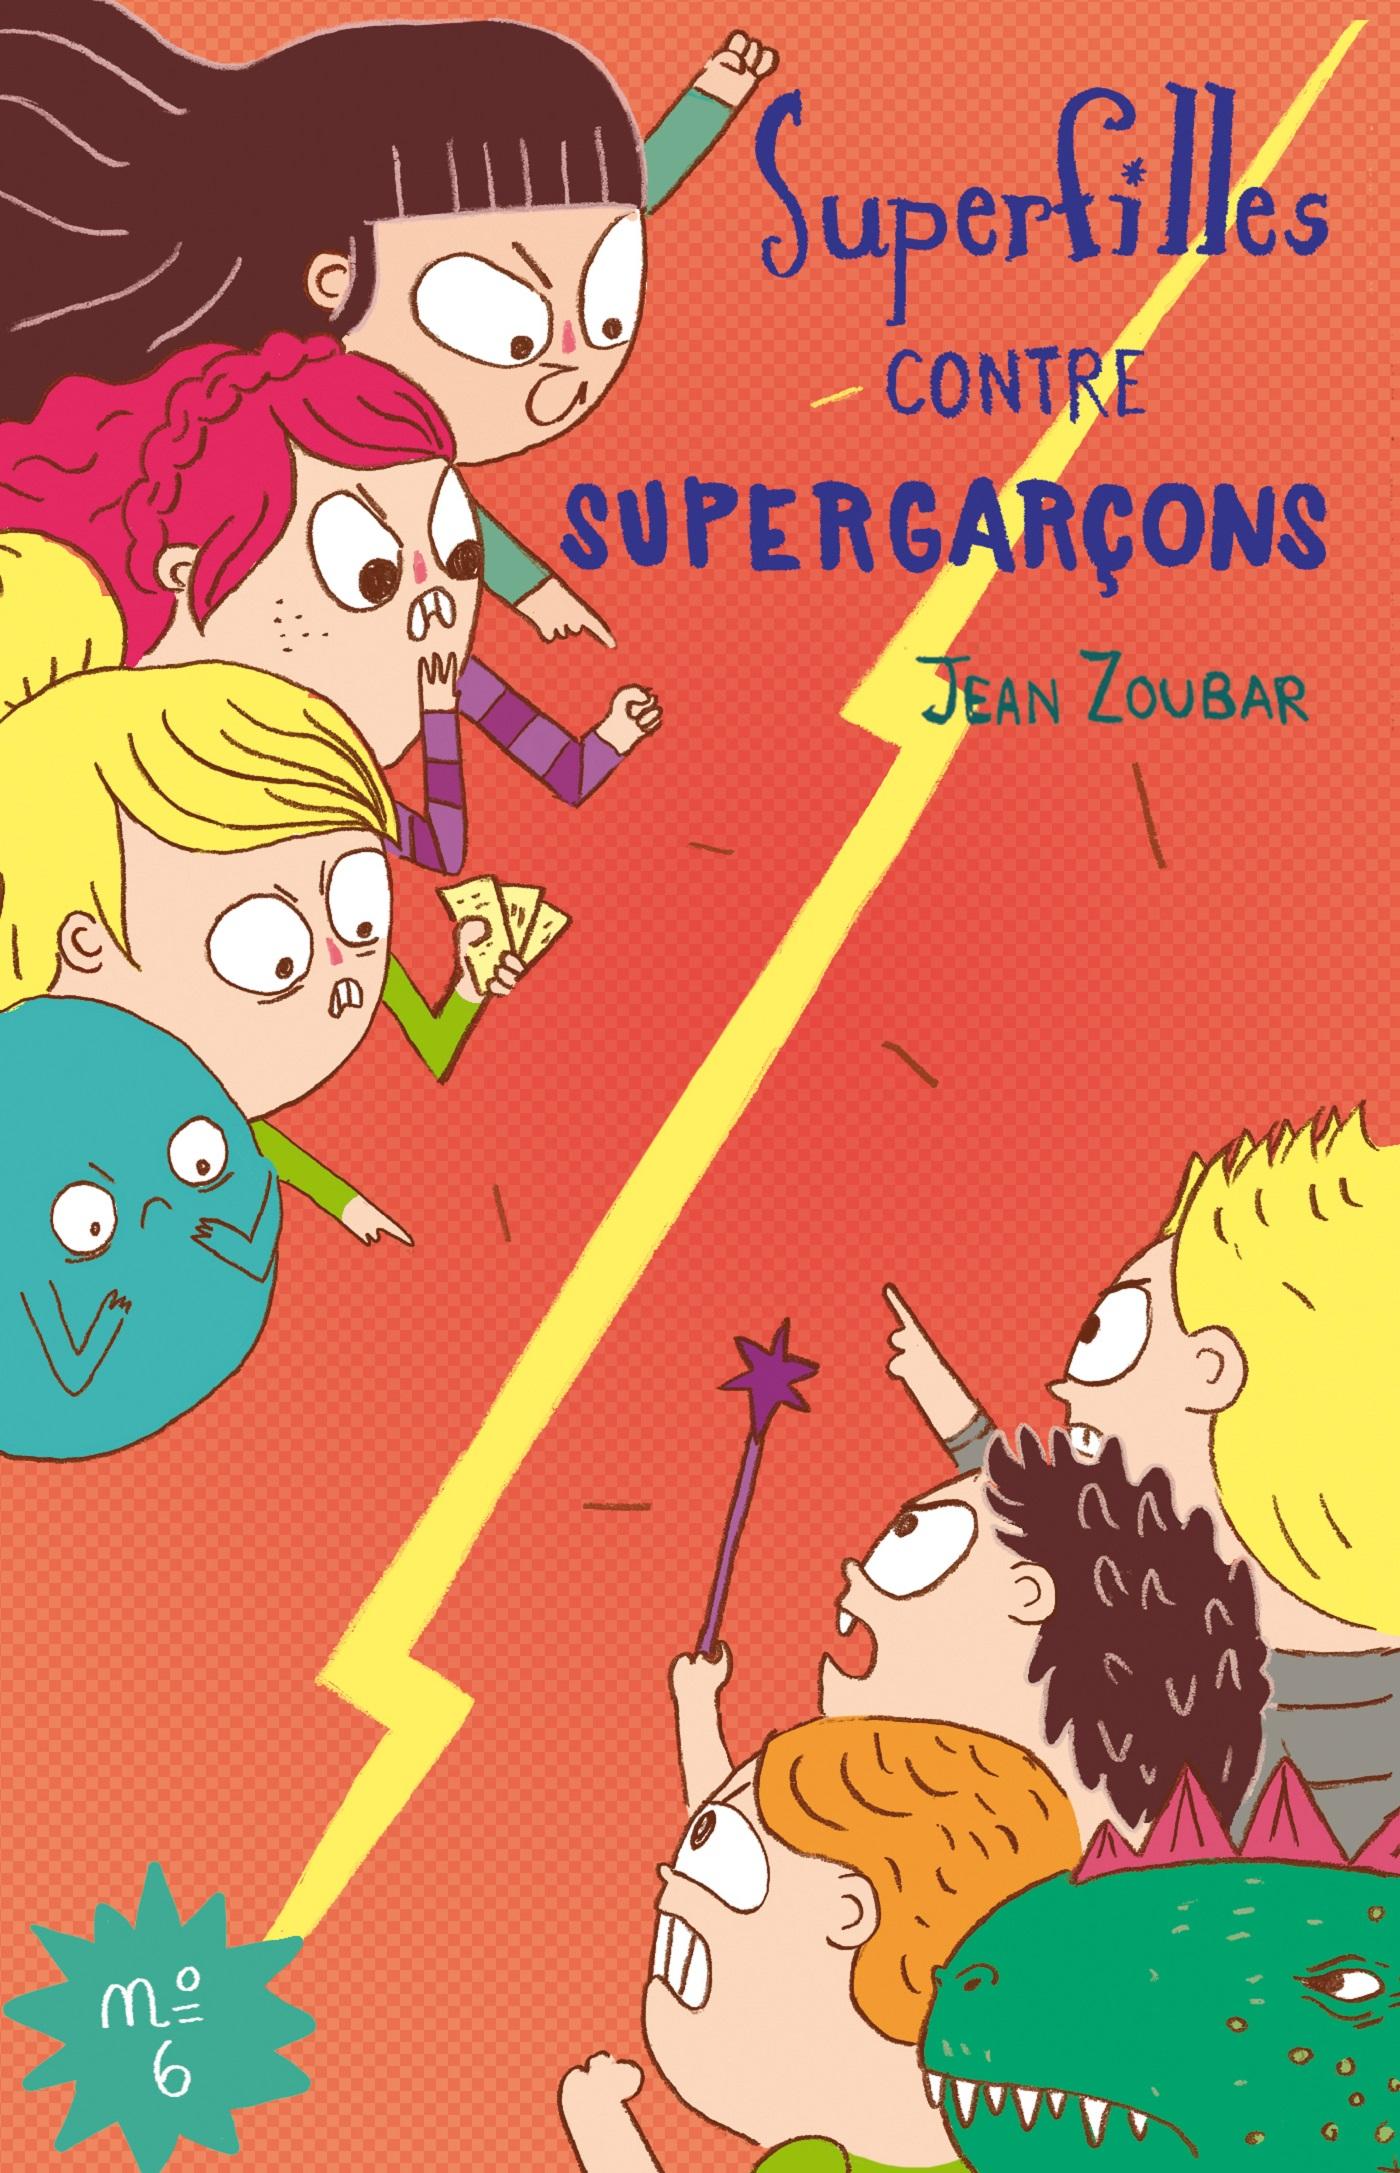 Super filles contre super garçons